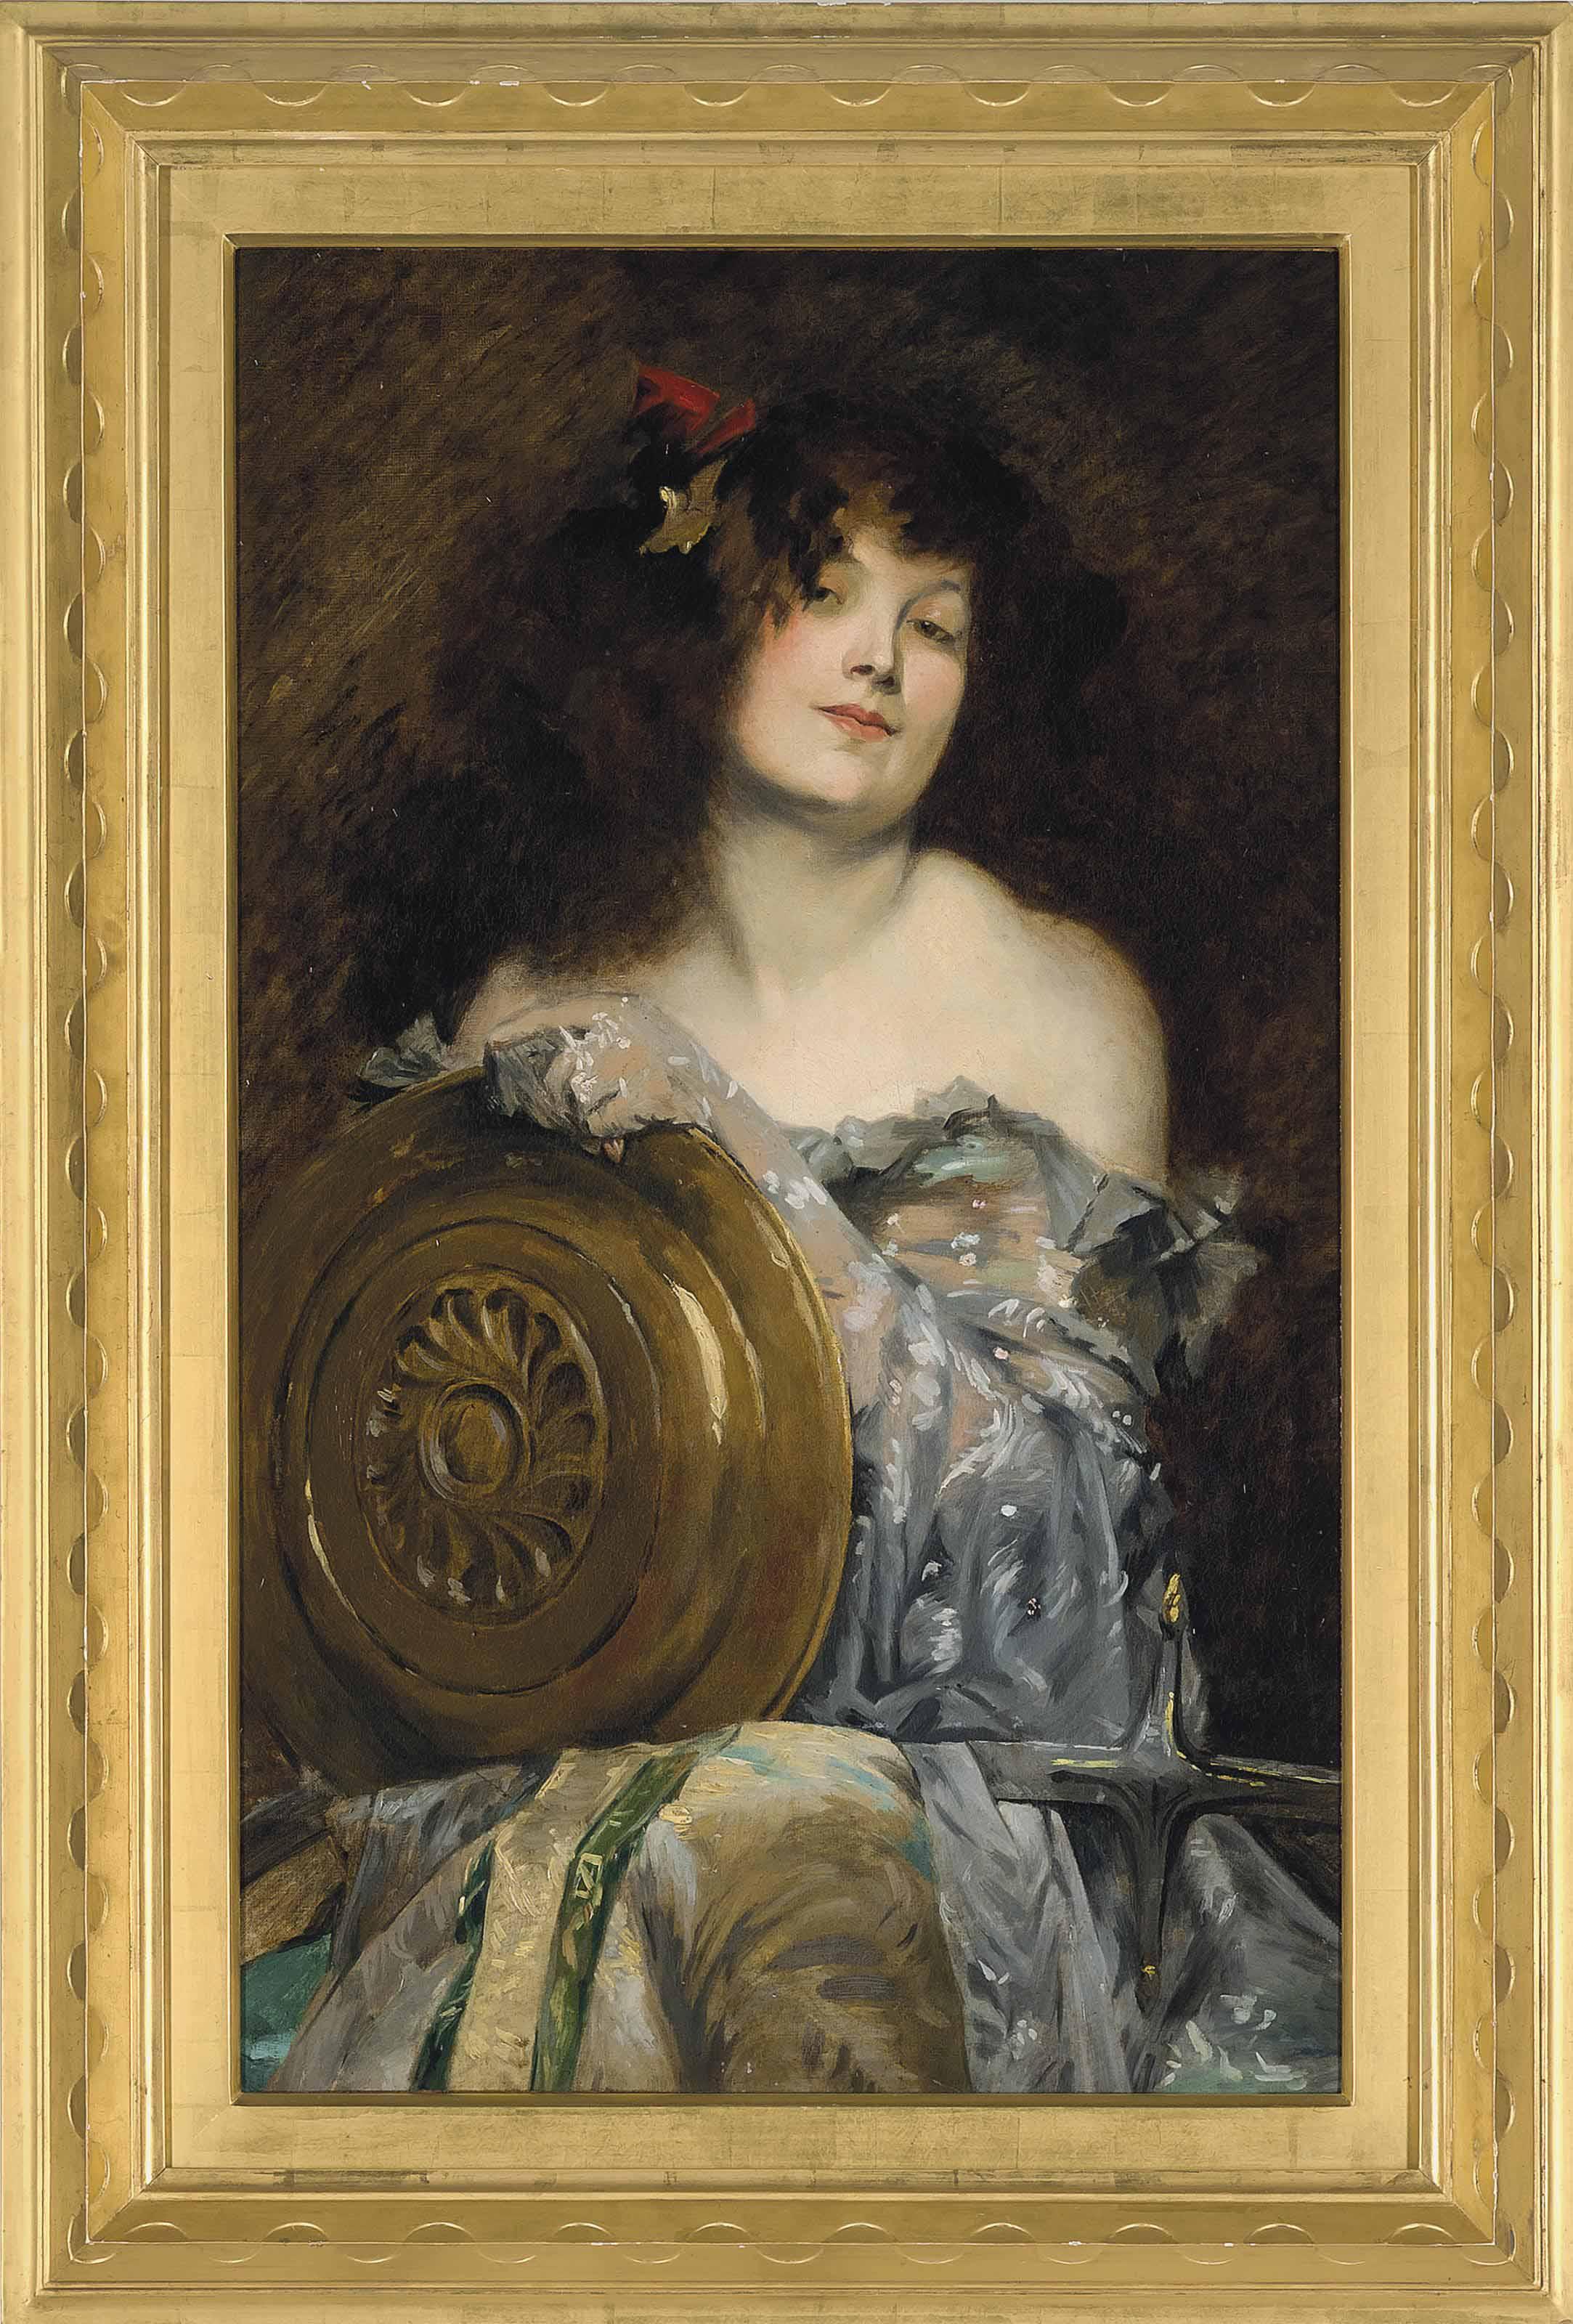 Portrait of the artist as Salomé